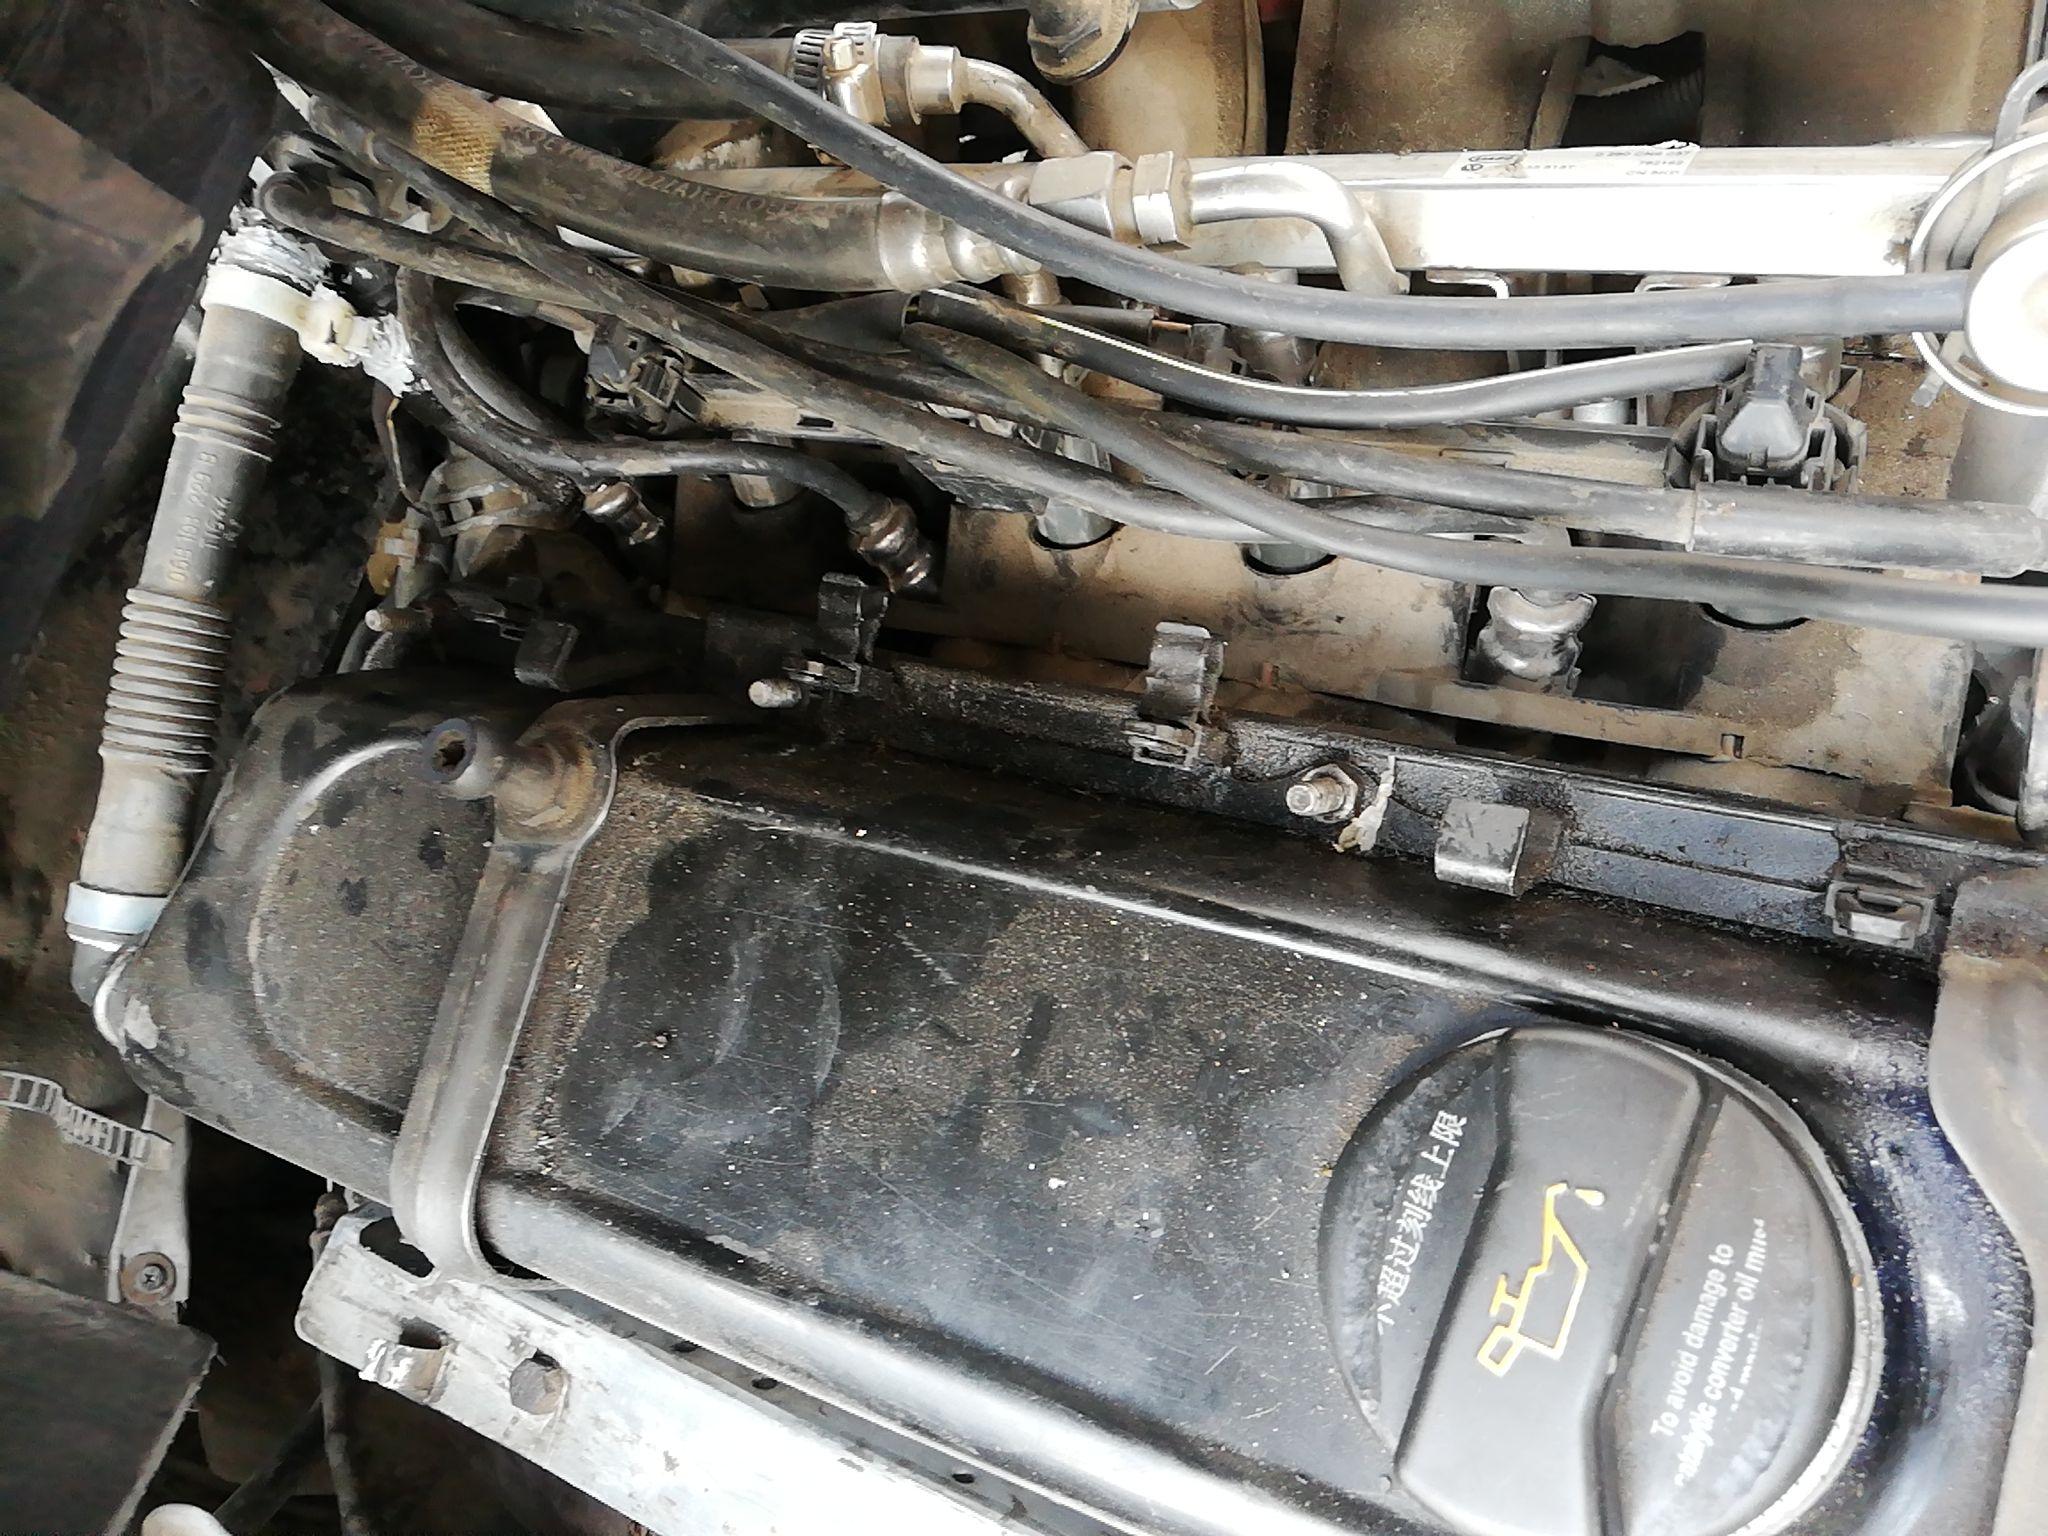 3 abs泵 正常 4 变速箱油底壳 正常 5 发动机油底壳 正常 6 防冻液